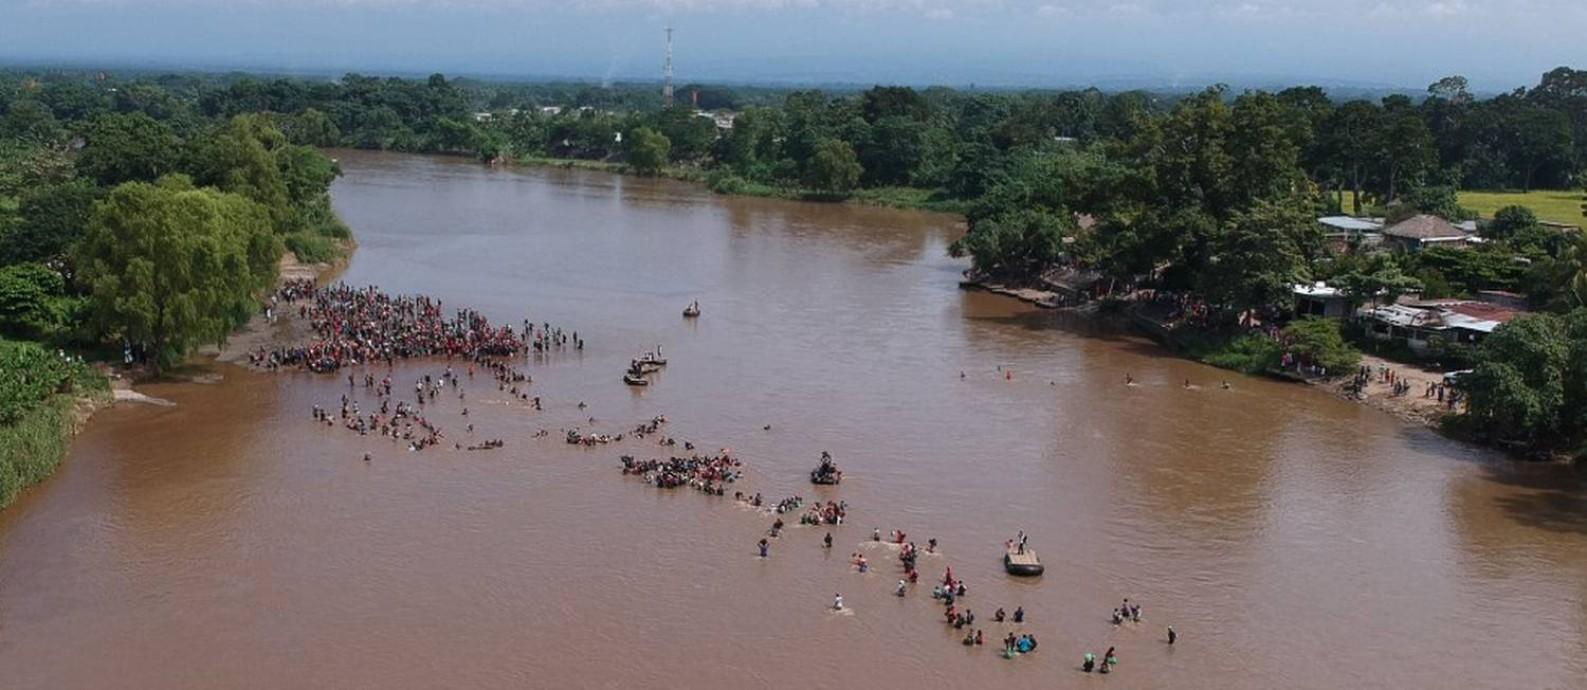 Migrantes atravessam o rio Suchiate, de Tecun Uman, na Guatemala, a Ciudad Hidalgo, no México Foto: CARLOS ALONZO / AFP